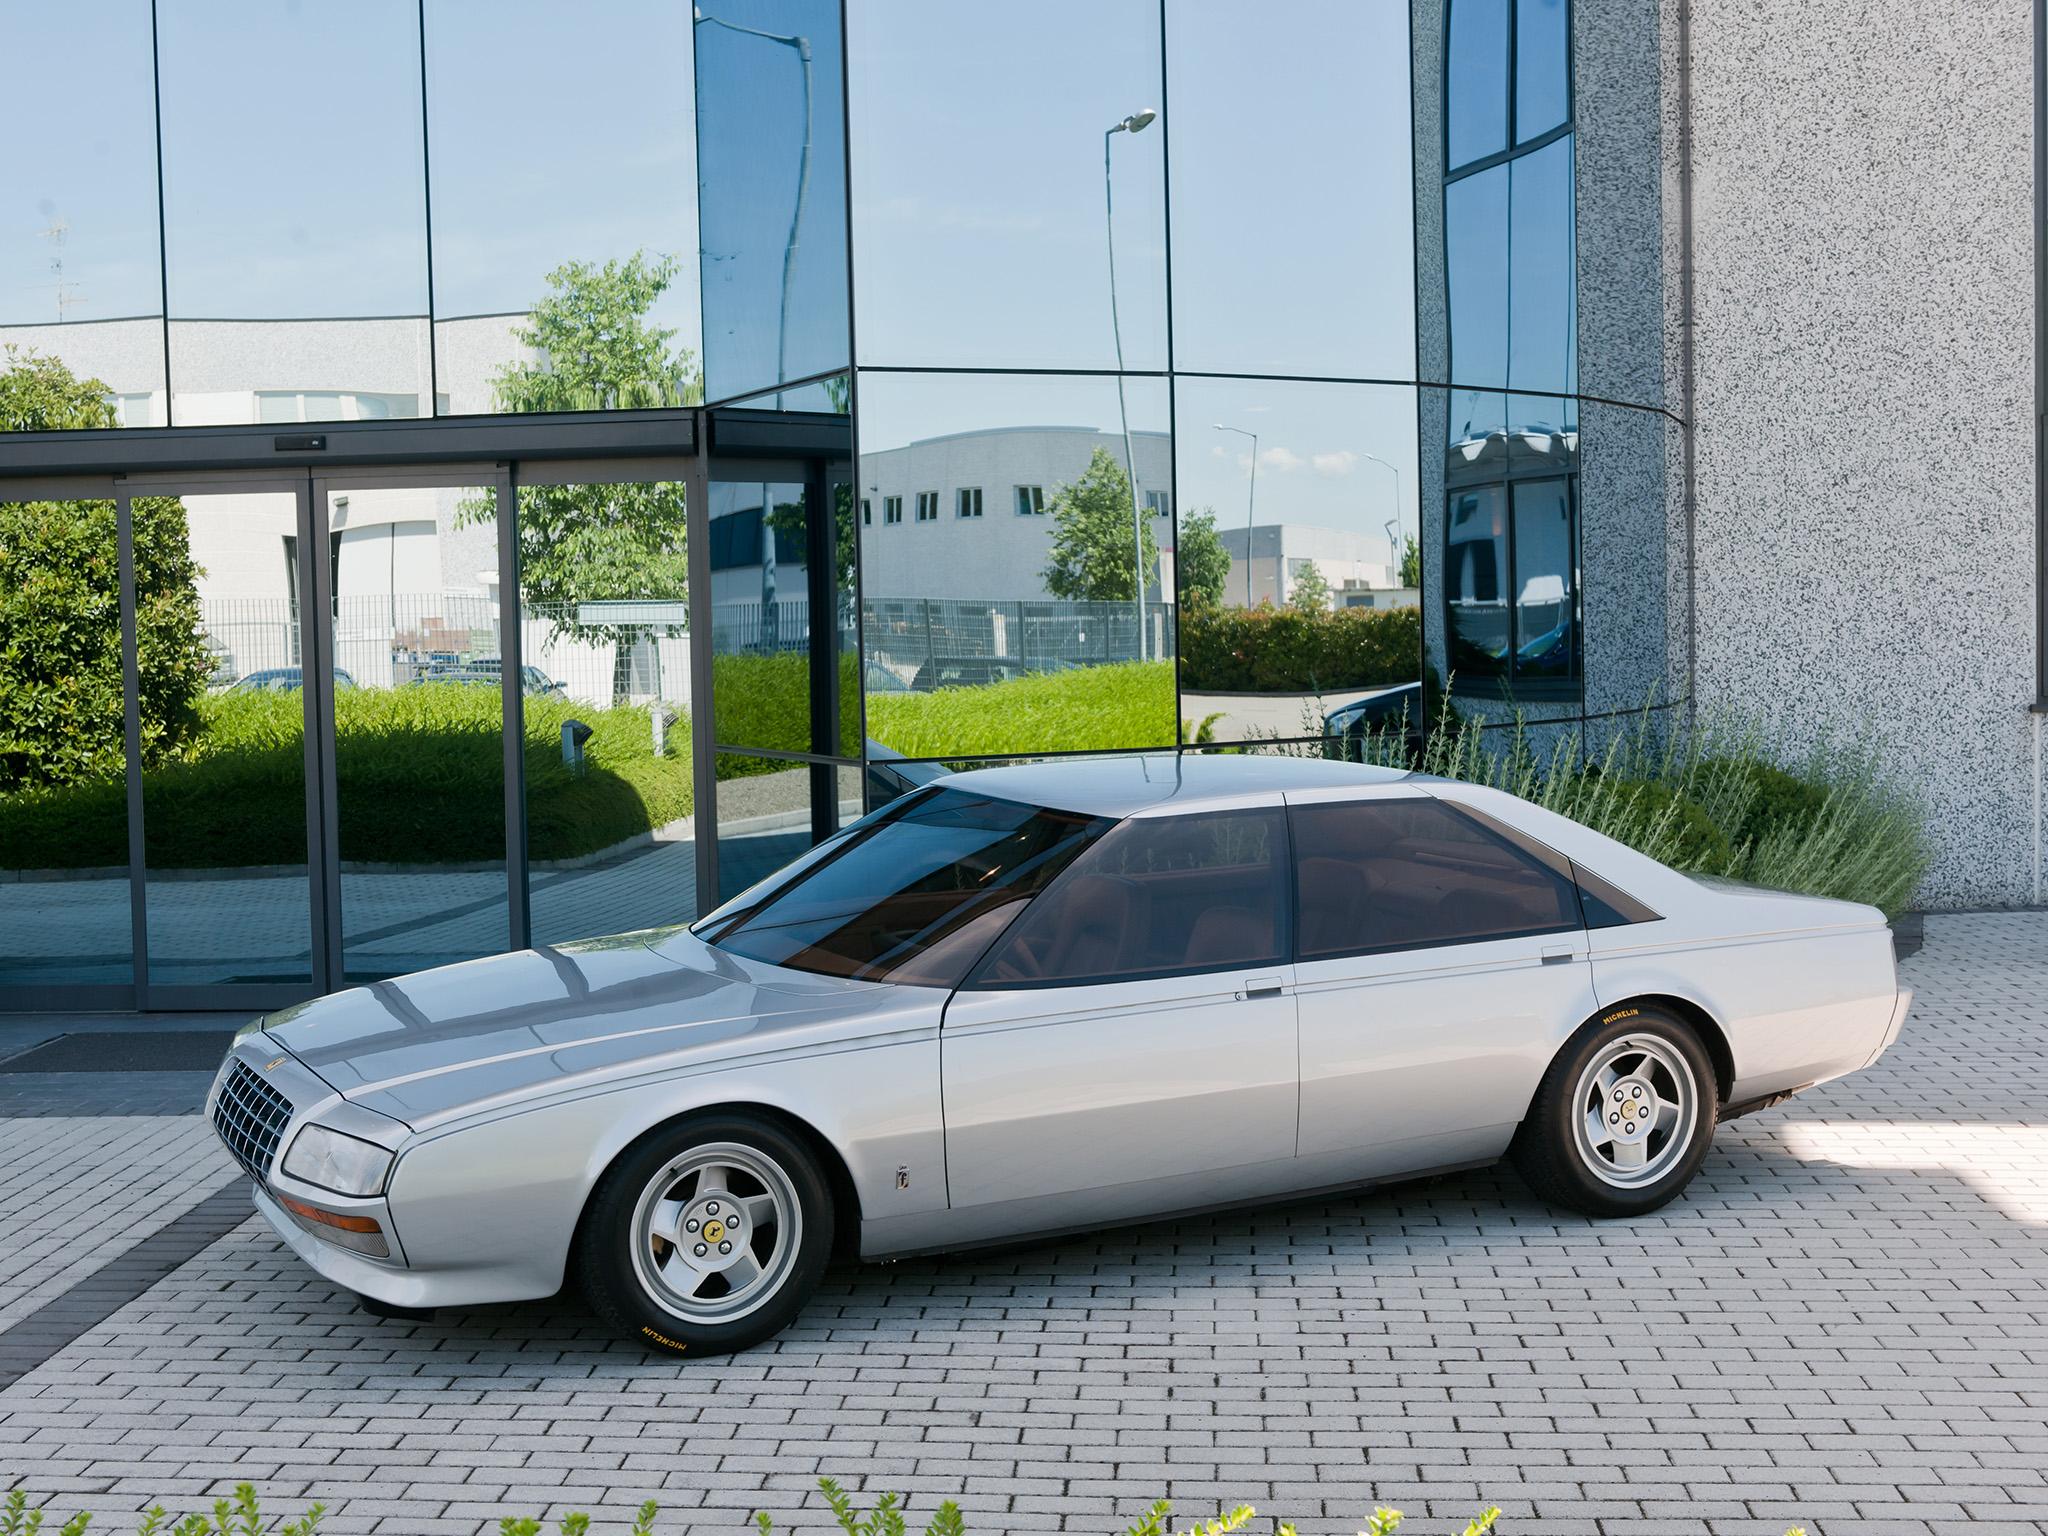 1980 Ferrari Pinin (Pininfarina) - Studios